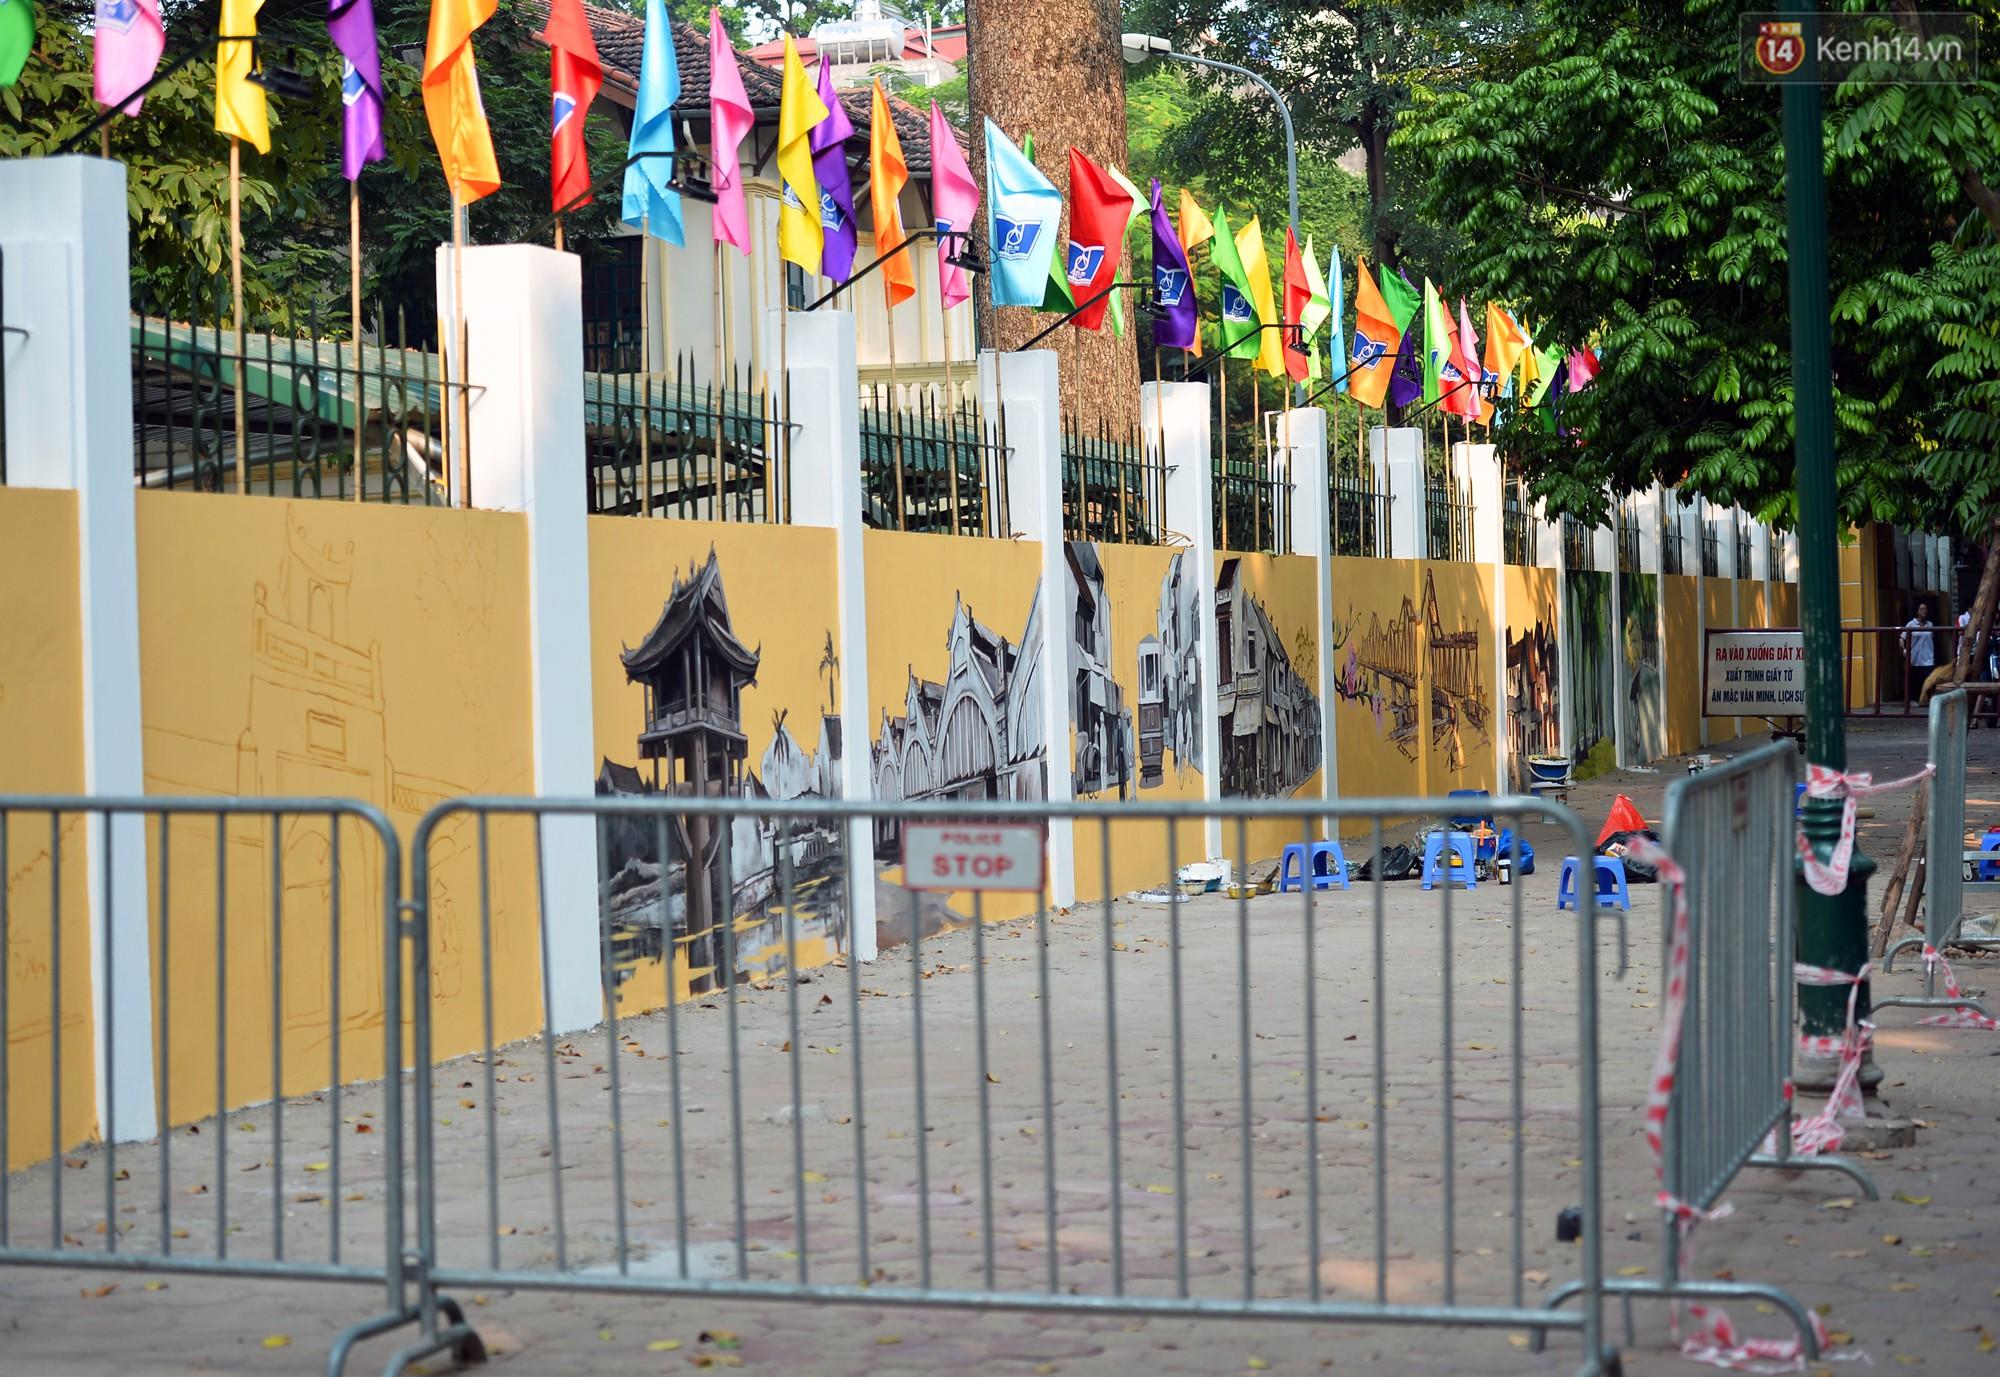 Dãy tường rào cũ kỹ trước cổng trường Phan Đình Phùng được khoác áo mới thành con đường bích họa siêu lãng mạn về Hà Nội xưa - Ảnh 17.